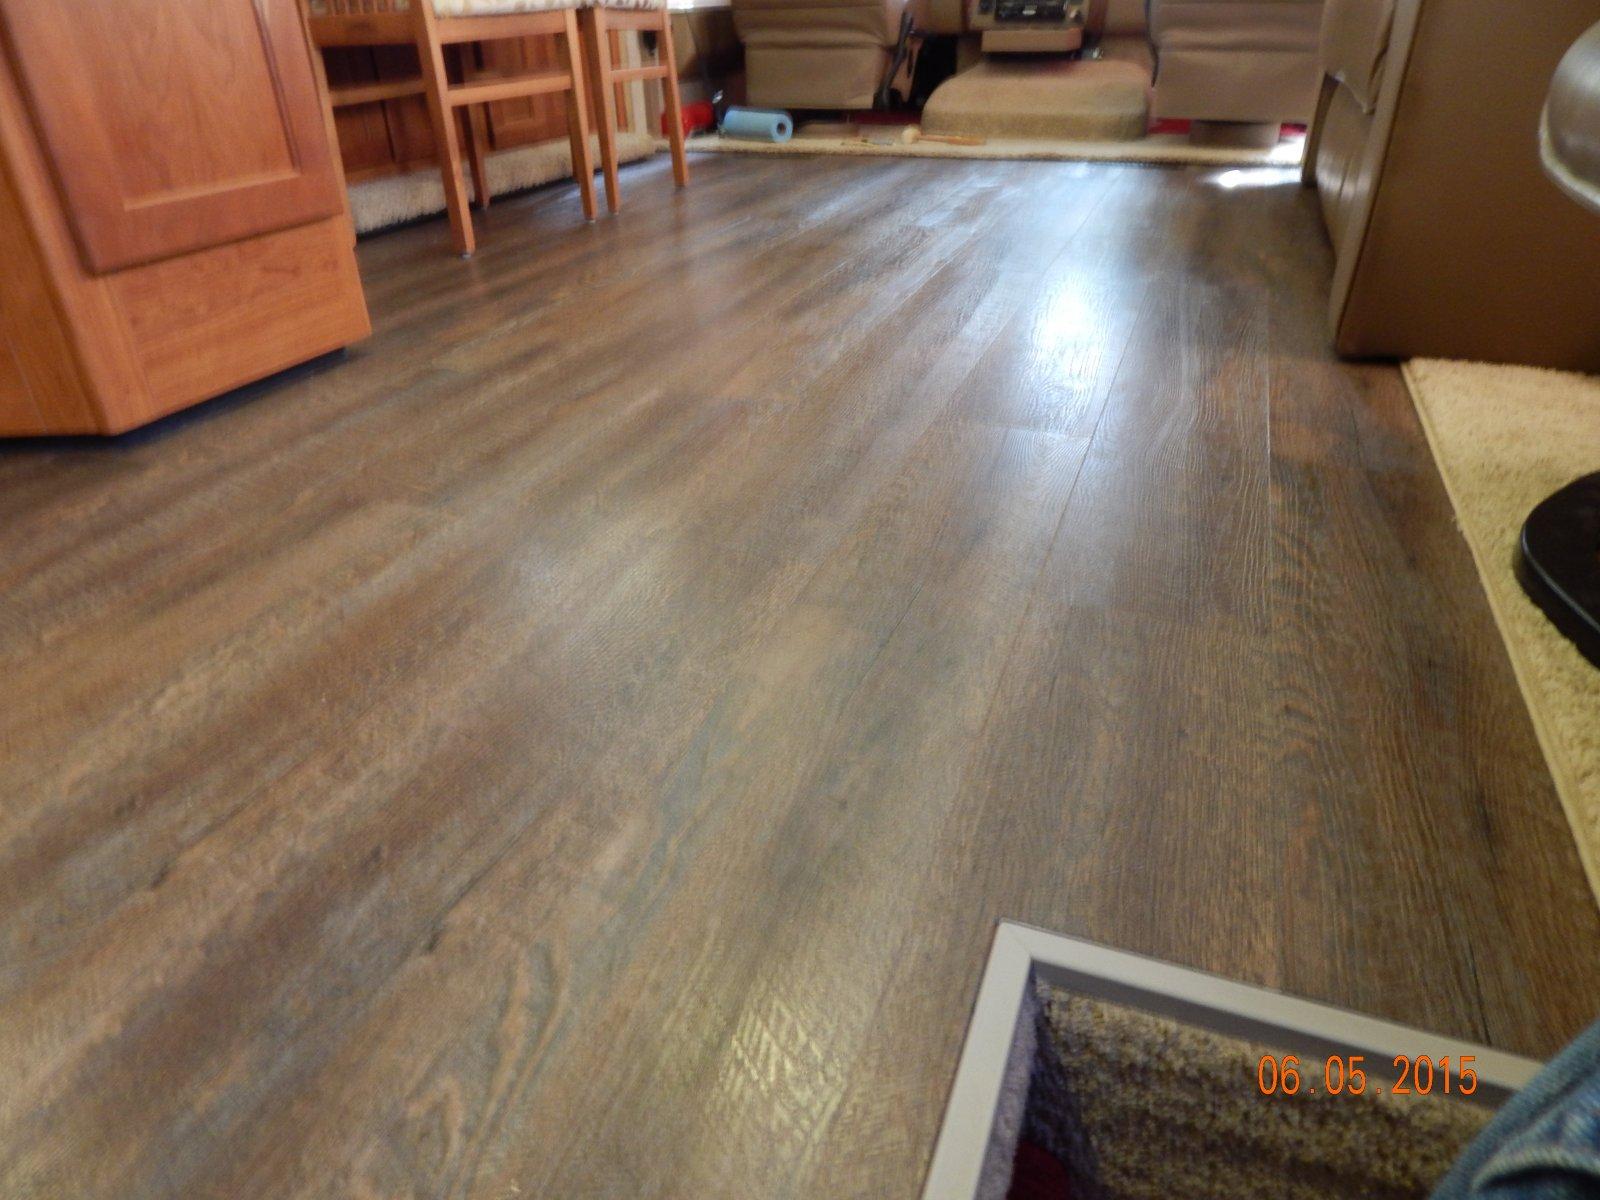 glidden pin dove trim flooring allure vinyl paint x plank resilient floor furniture trafficmaster in door maple